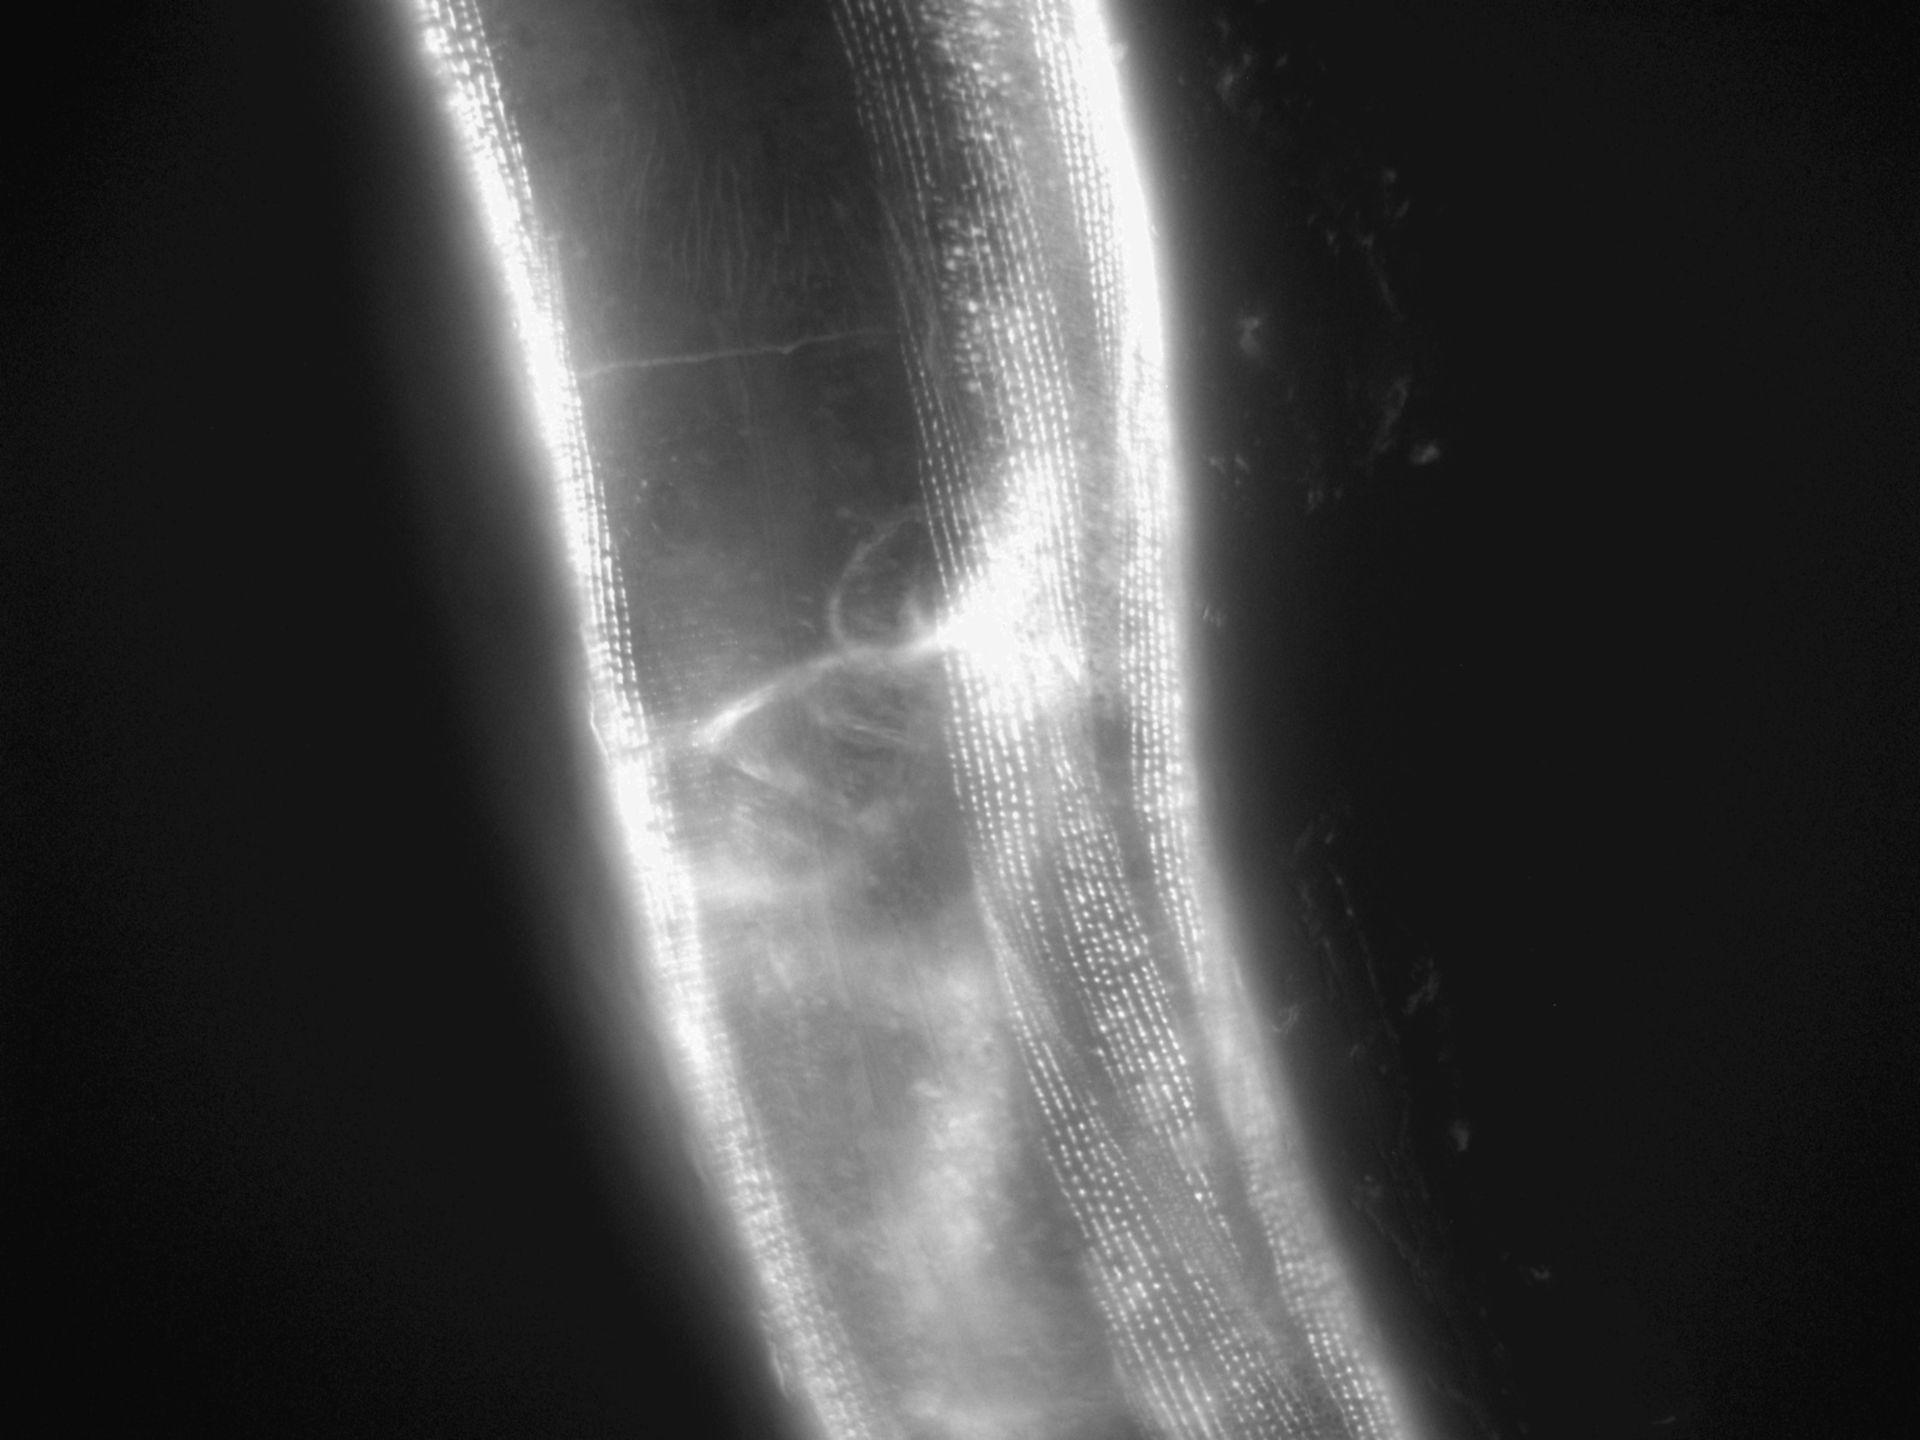 Caenorhabditis elegans (Actin filament) - CIL:1116